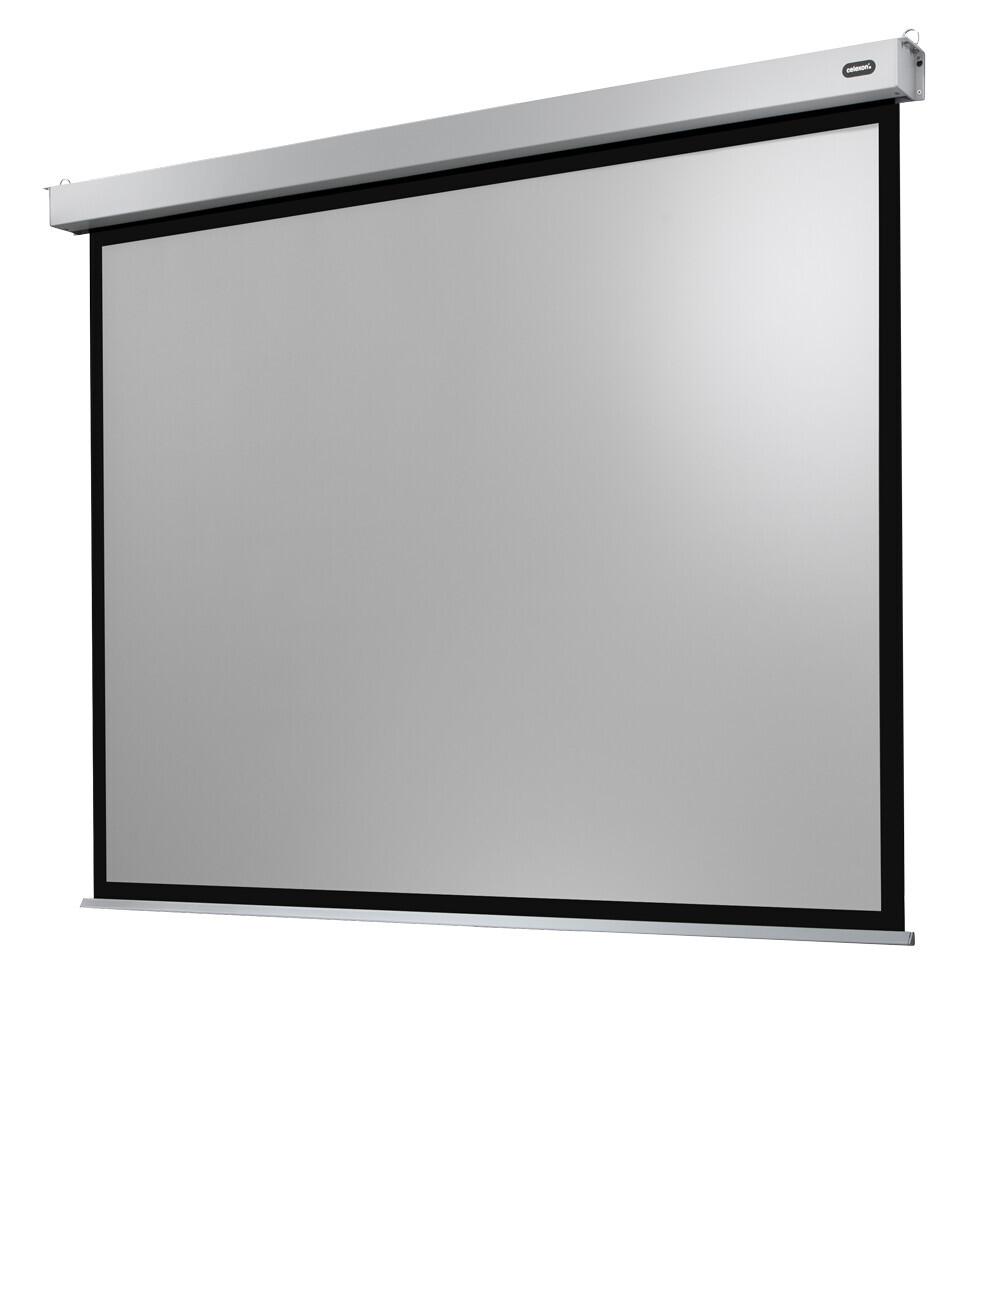 Ecran de projection celexon Motorisé PRO PLUS 160 x 120cm